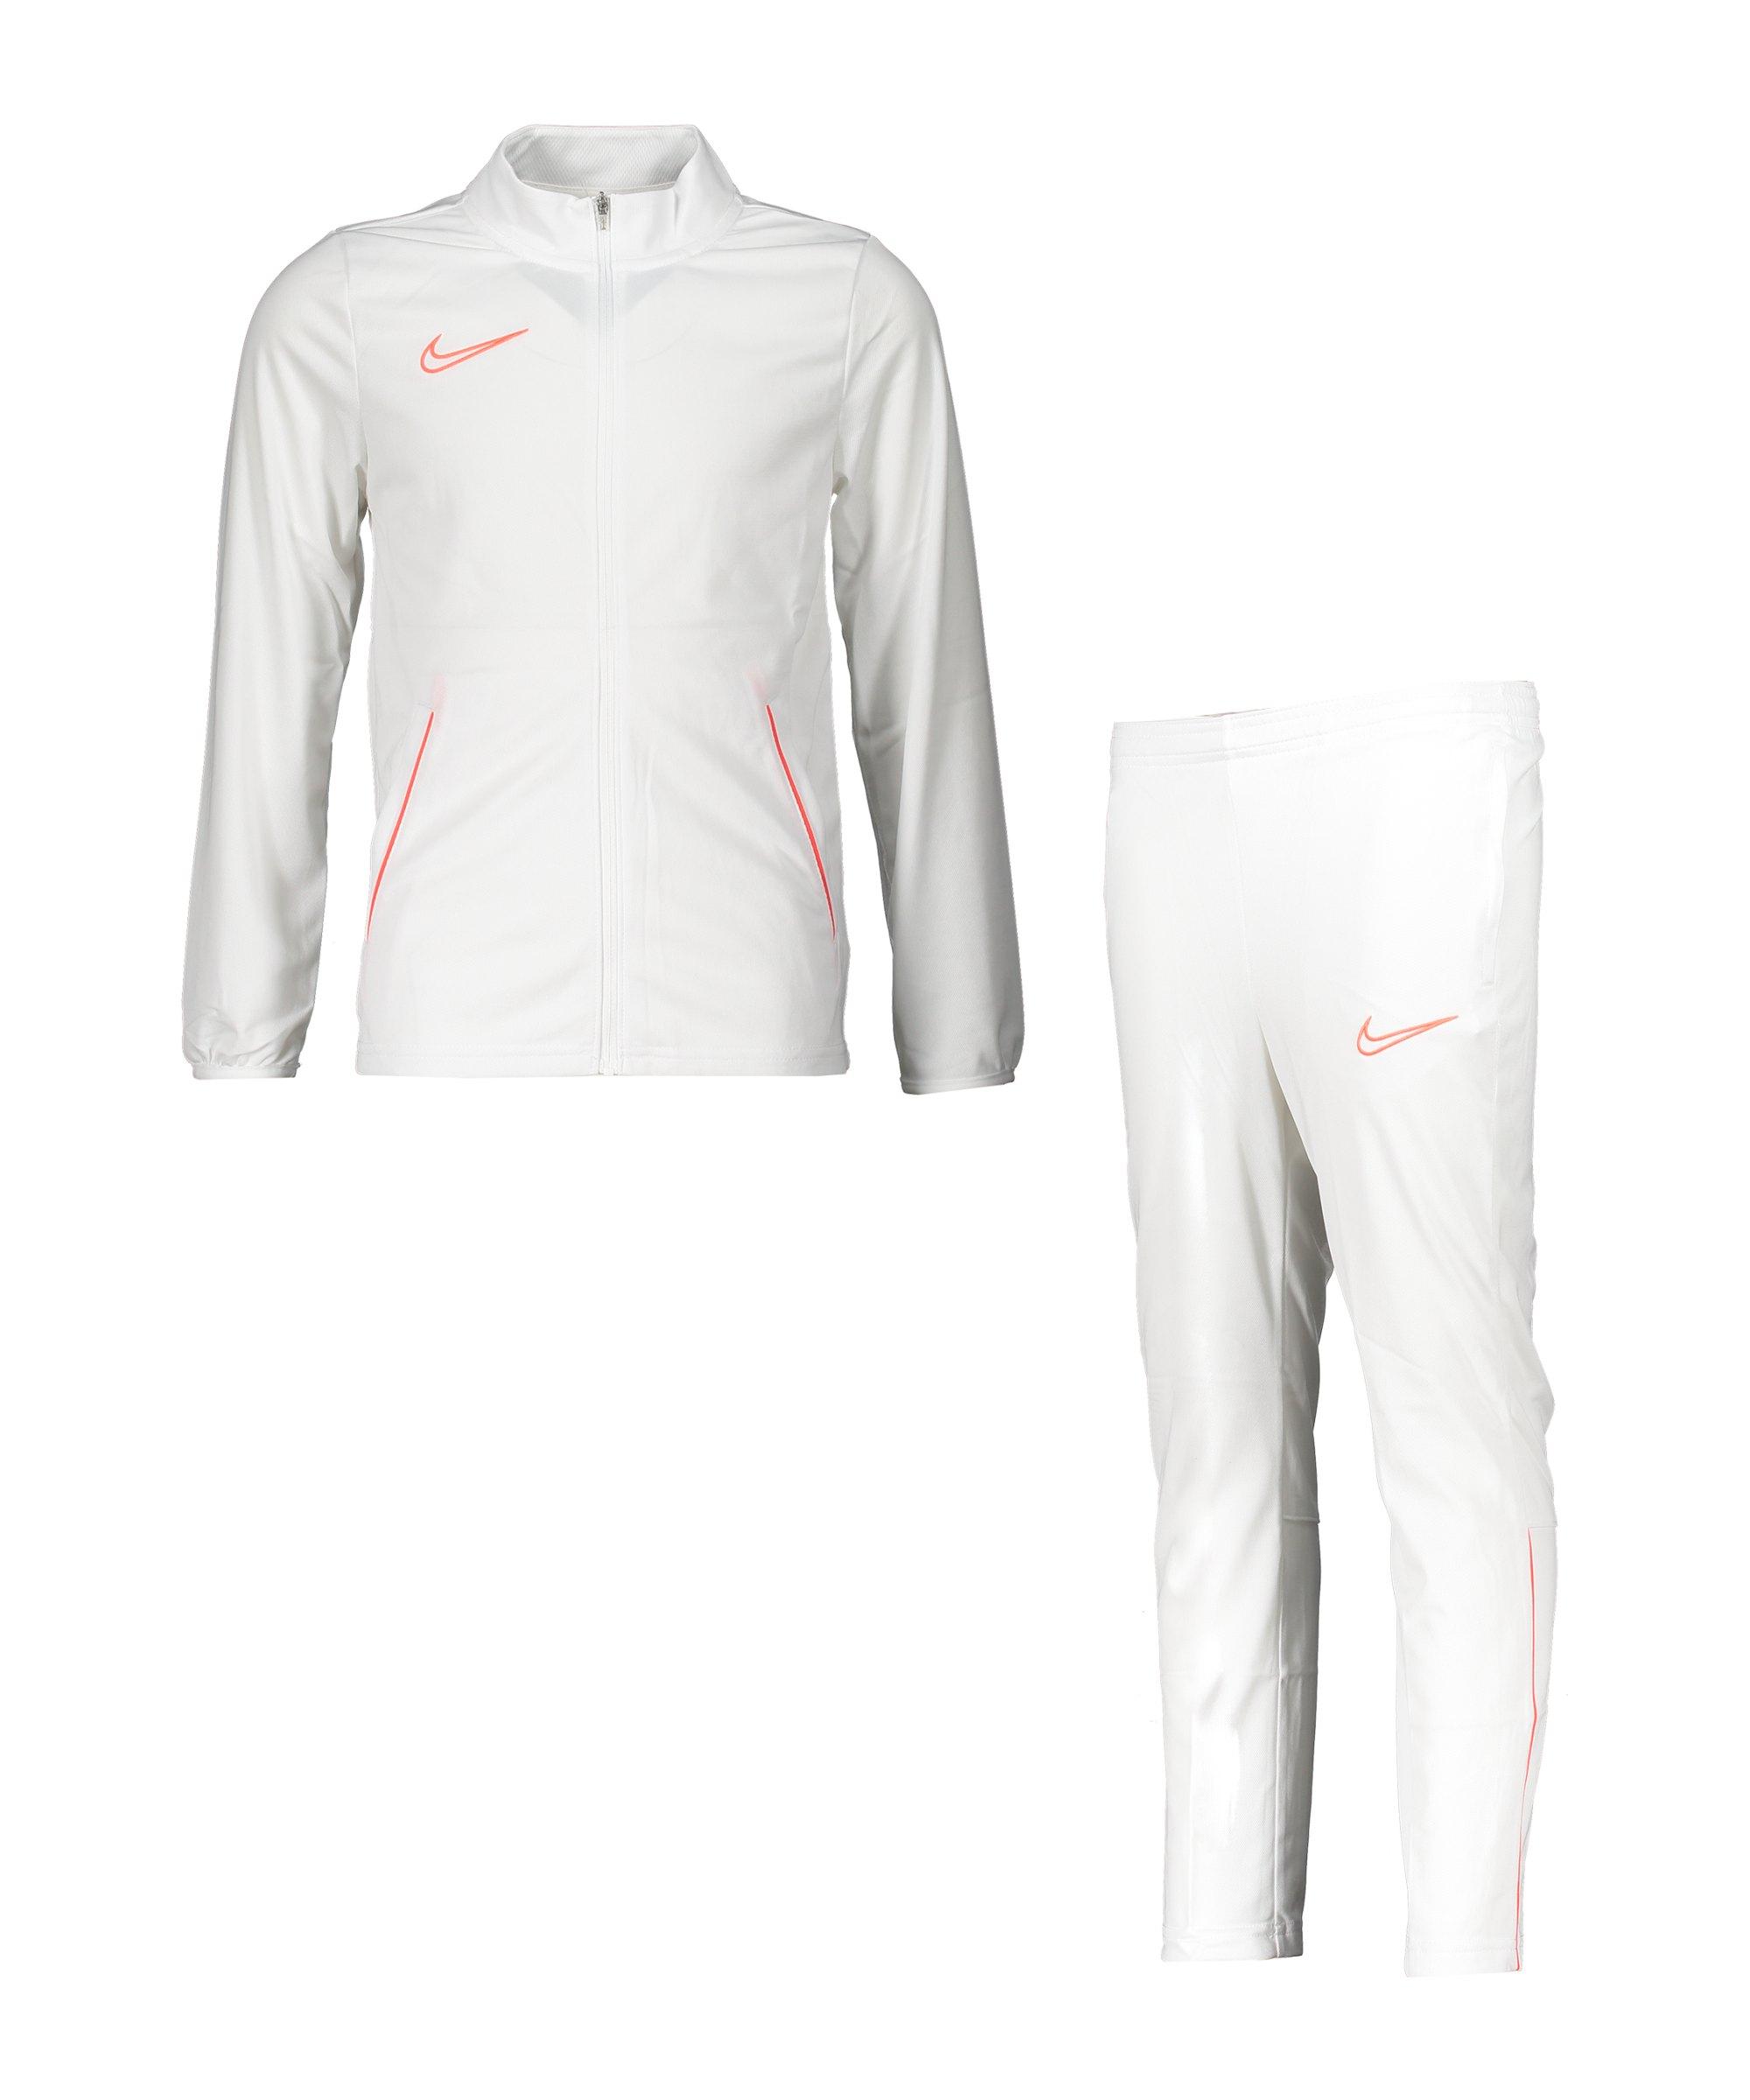 Nike Academy 21 Trainingsanzug Kids Weiss F100 - weiss